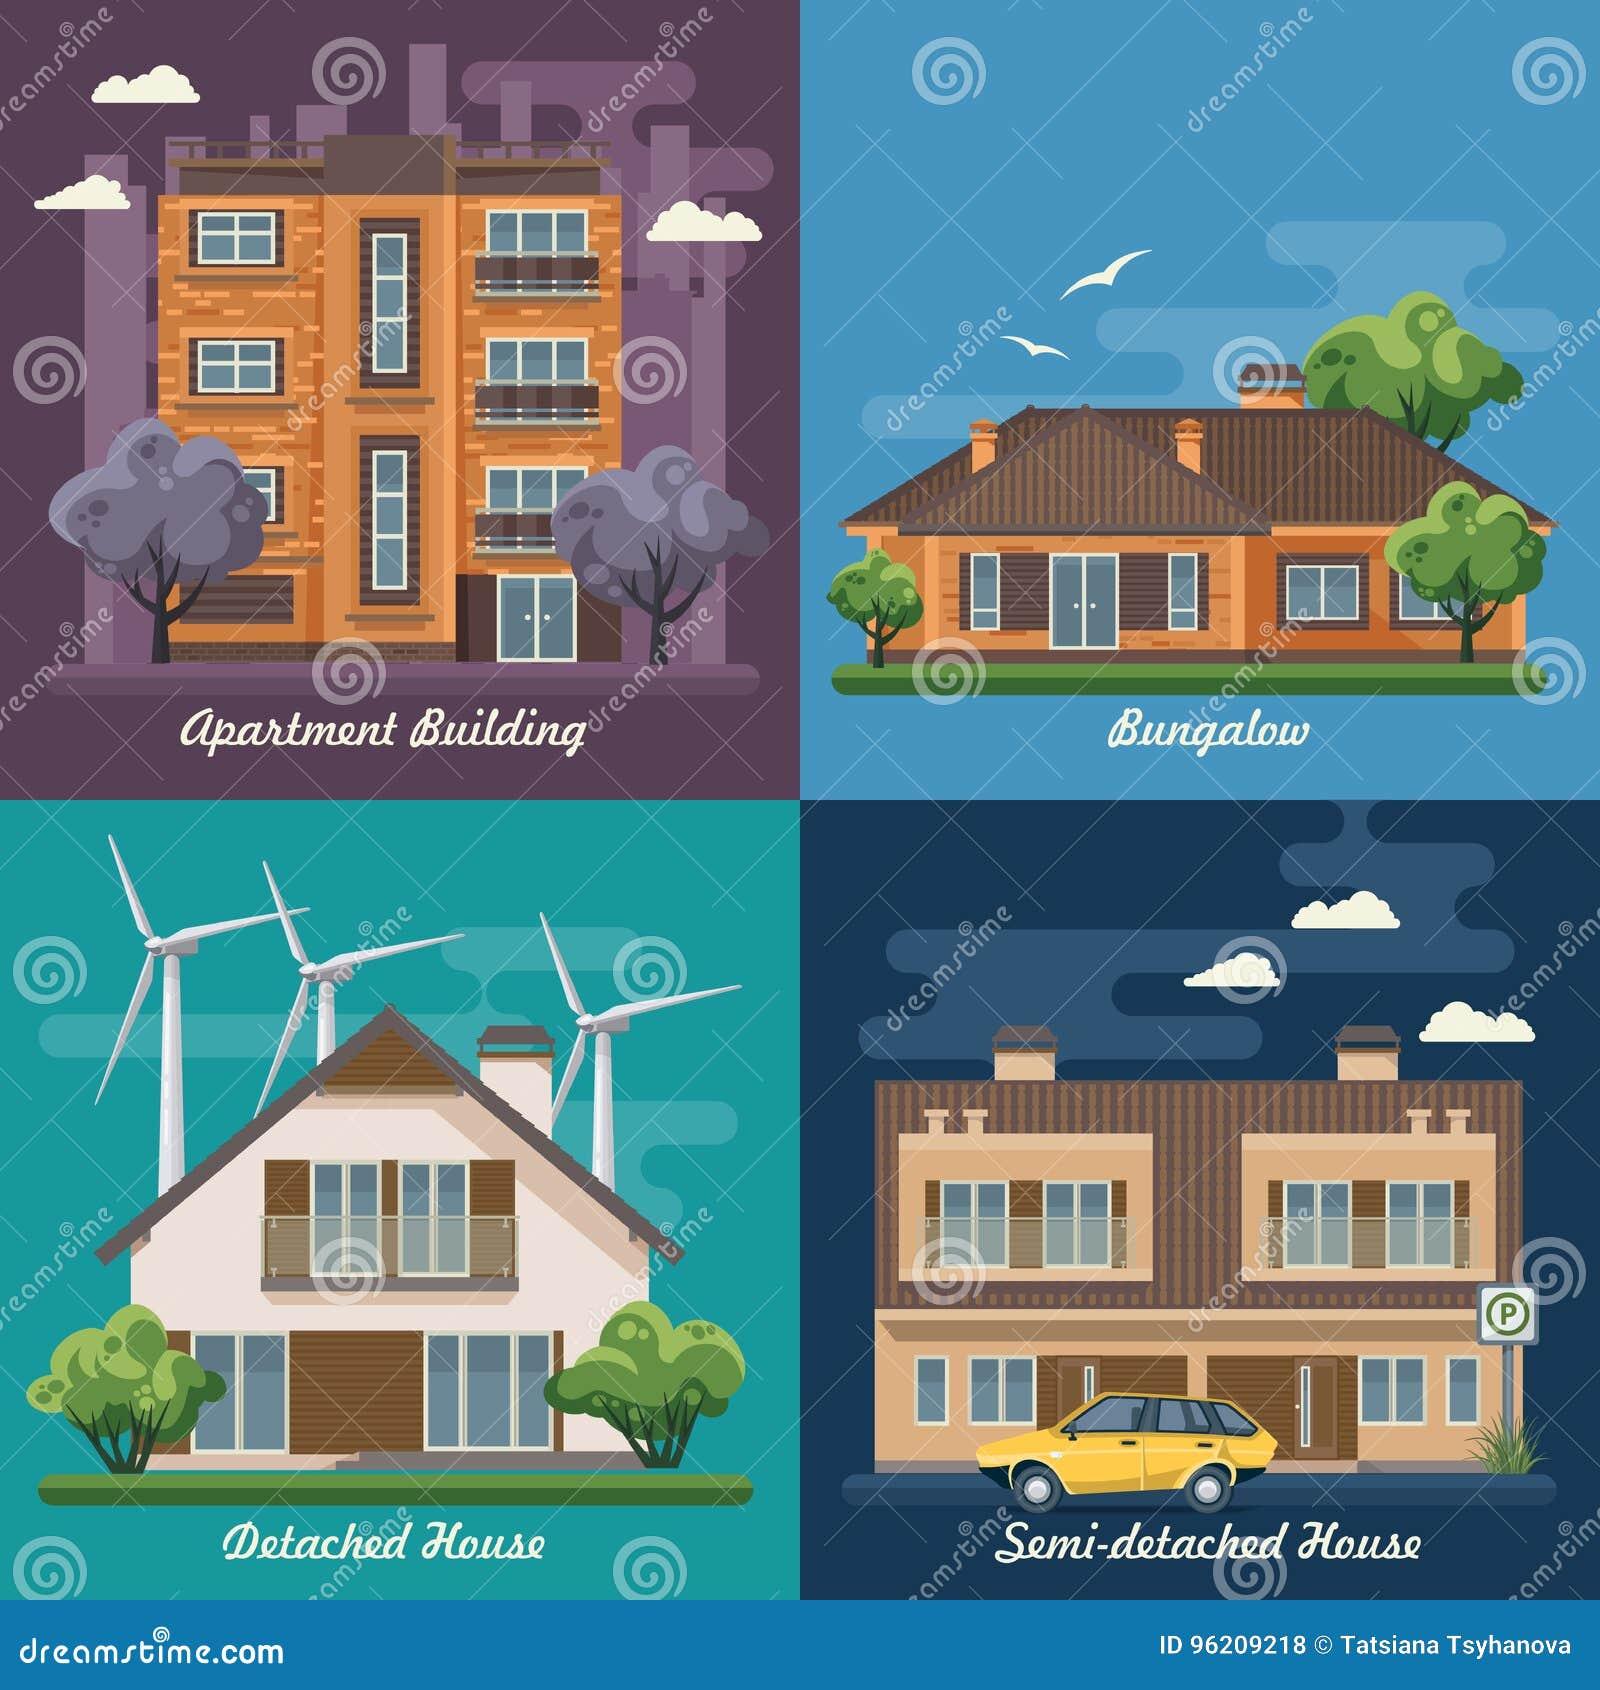 Vectorreeks van illustratie met gebouwen, losgemaakt huis, semi-detached huis, bungalow, herenhuis, high-rise de bouw